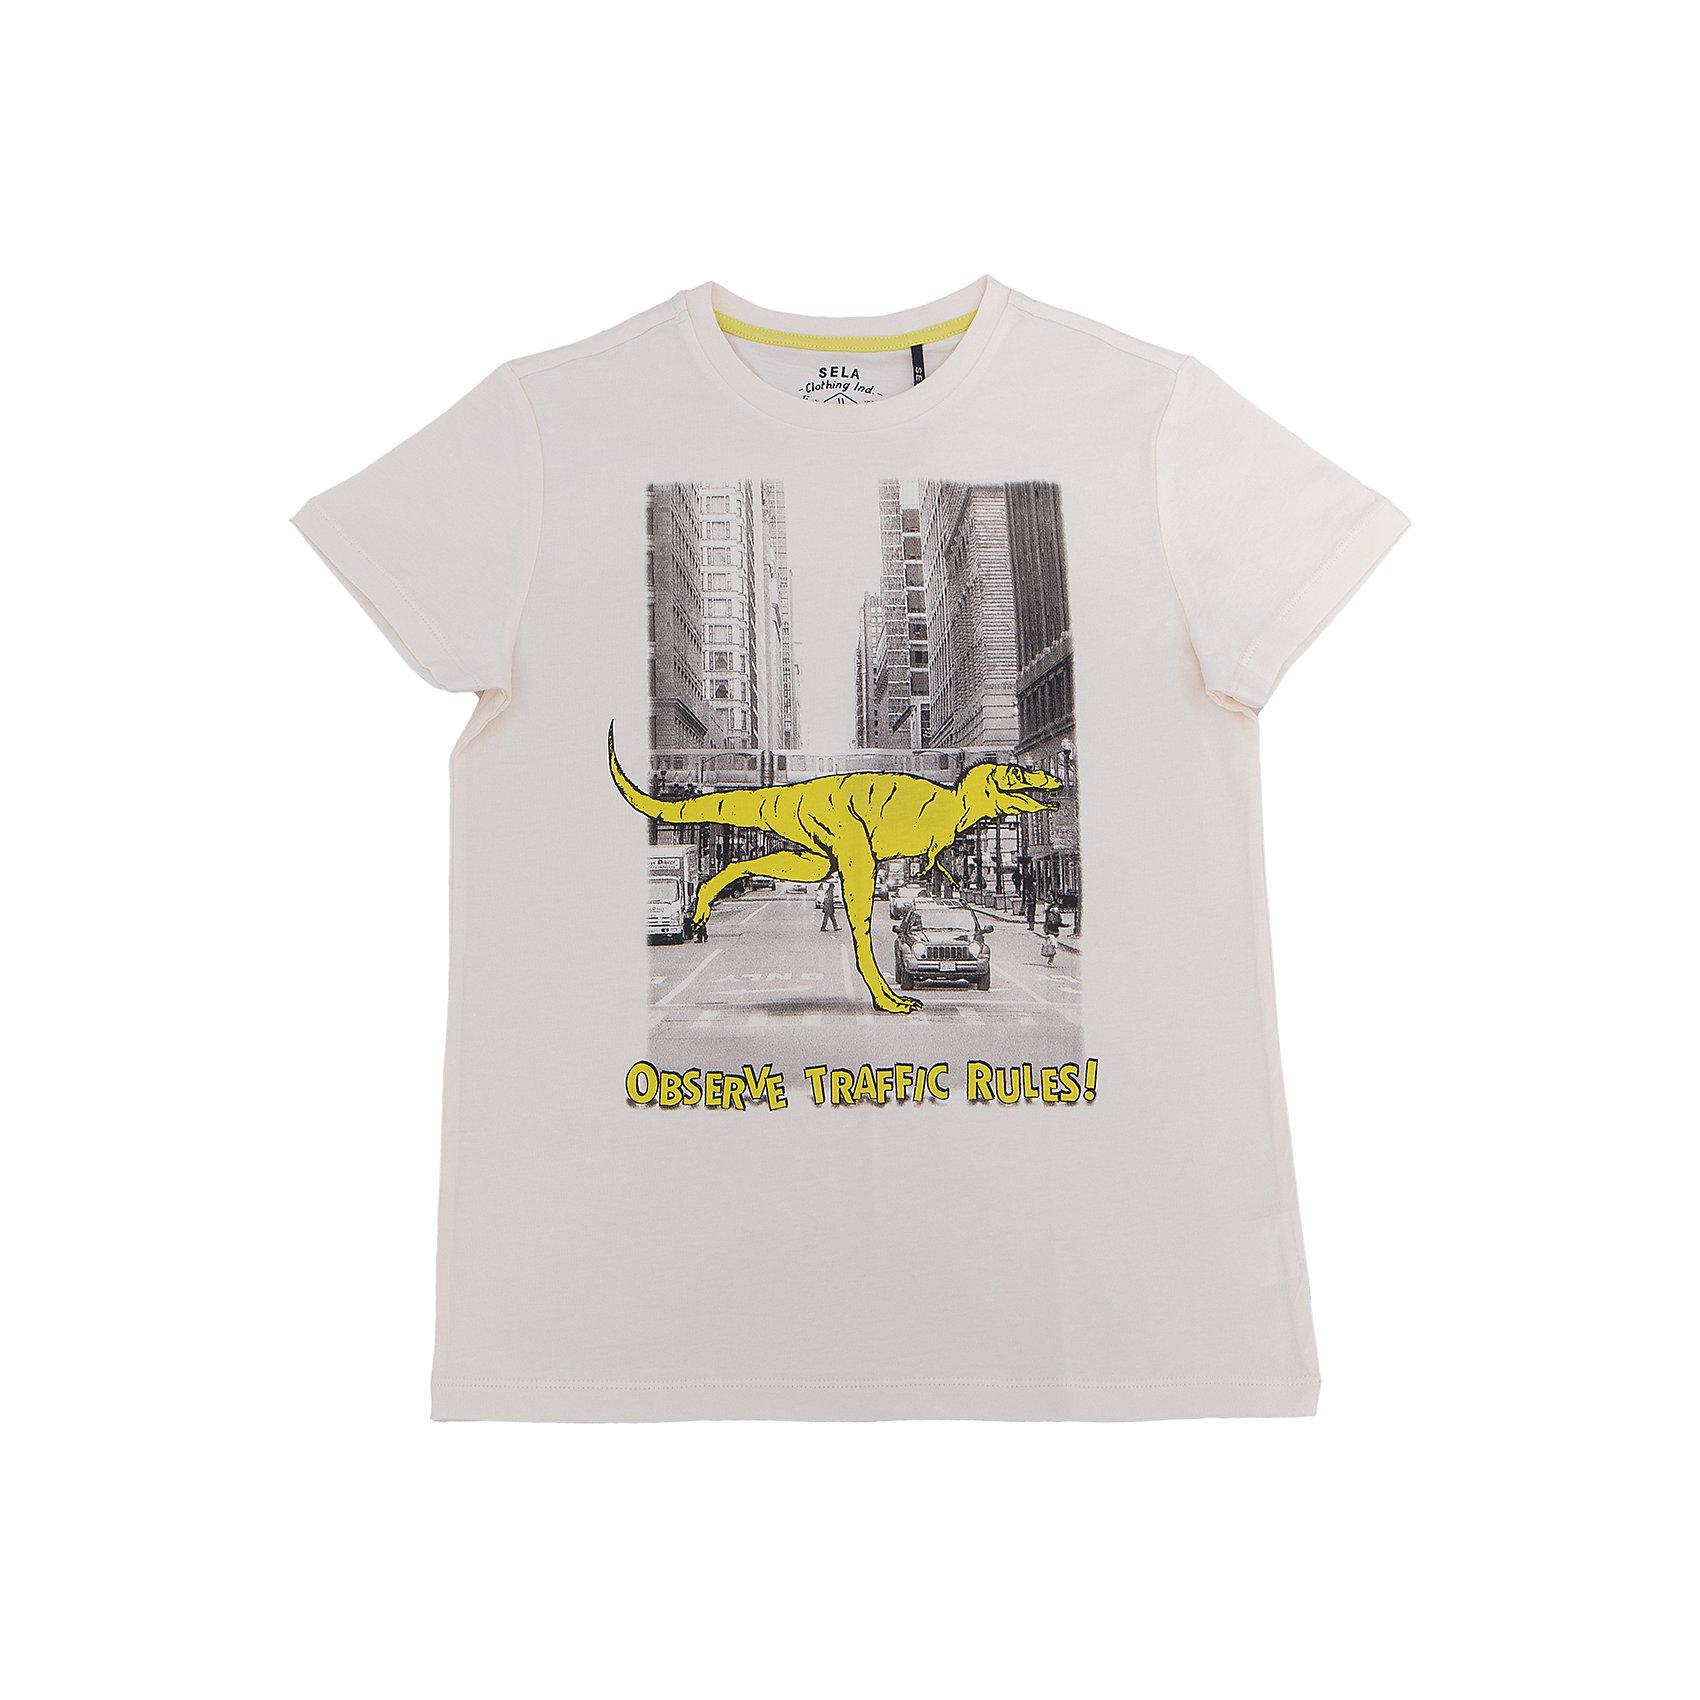 Футболка для мальчика SELAФутболки, поло и топы<br>Характеристики товара:<br><br>• цвет: серый<br>• состав: 100% хлопок<br>• принт<br>• короткие рукава<br>• округлый горловой вырез<br>• страна бренда: Российская Федерация<br><br>В новой коллекции SELA отличные модели одежды! Эта футболка для мальчика поможет разнообразить гардероб ребенка и обеспечить комфорт. Она отлично сочетается с джинсами и брюками. Удобная базовая вещь!<br><br>Футболку для мальчика от популярного бренда SELA (СЕЛА) можно купить в нашем интернет-магазине.<br><br>Ширина мм: 230<br>Глубина мм: 40<br>Высота мм: 220<br>Вес г: 250<br>Цвет: серый<br>Возраст от месяцев: 96<br>Возраст до месяцев: 108<br>Пол: Мужской<br>Возраст: Детский<br>Размер: 146,152,116,122,128,134,140<br>SKU: 5304049